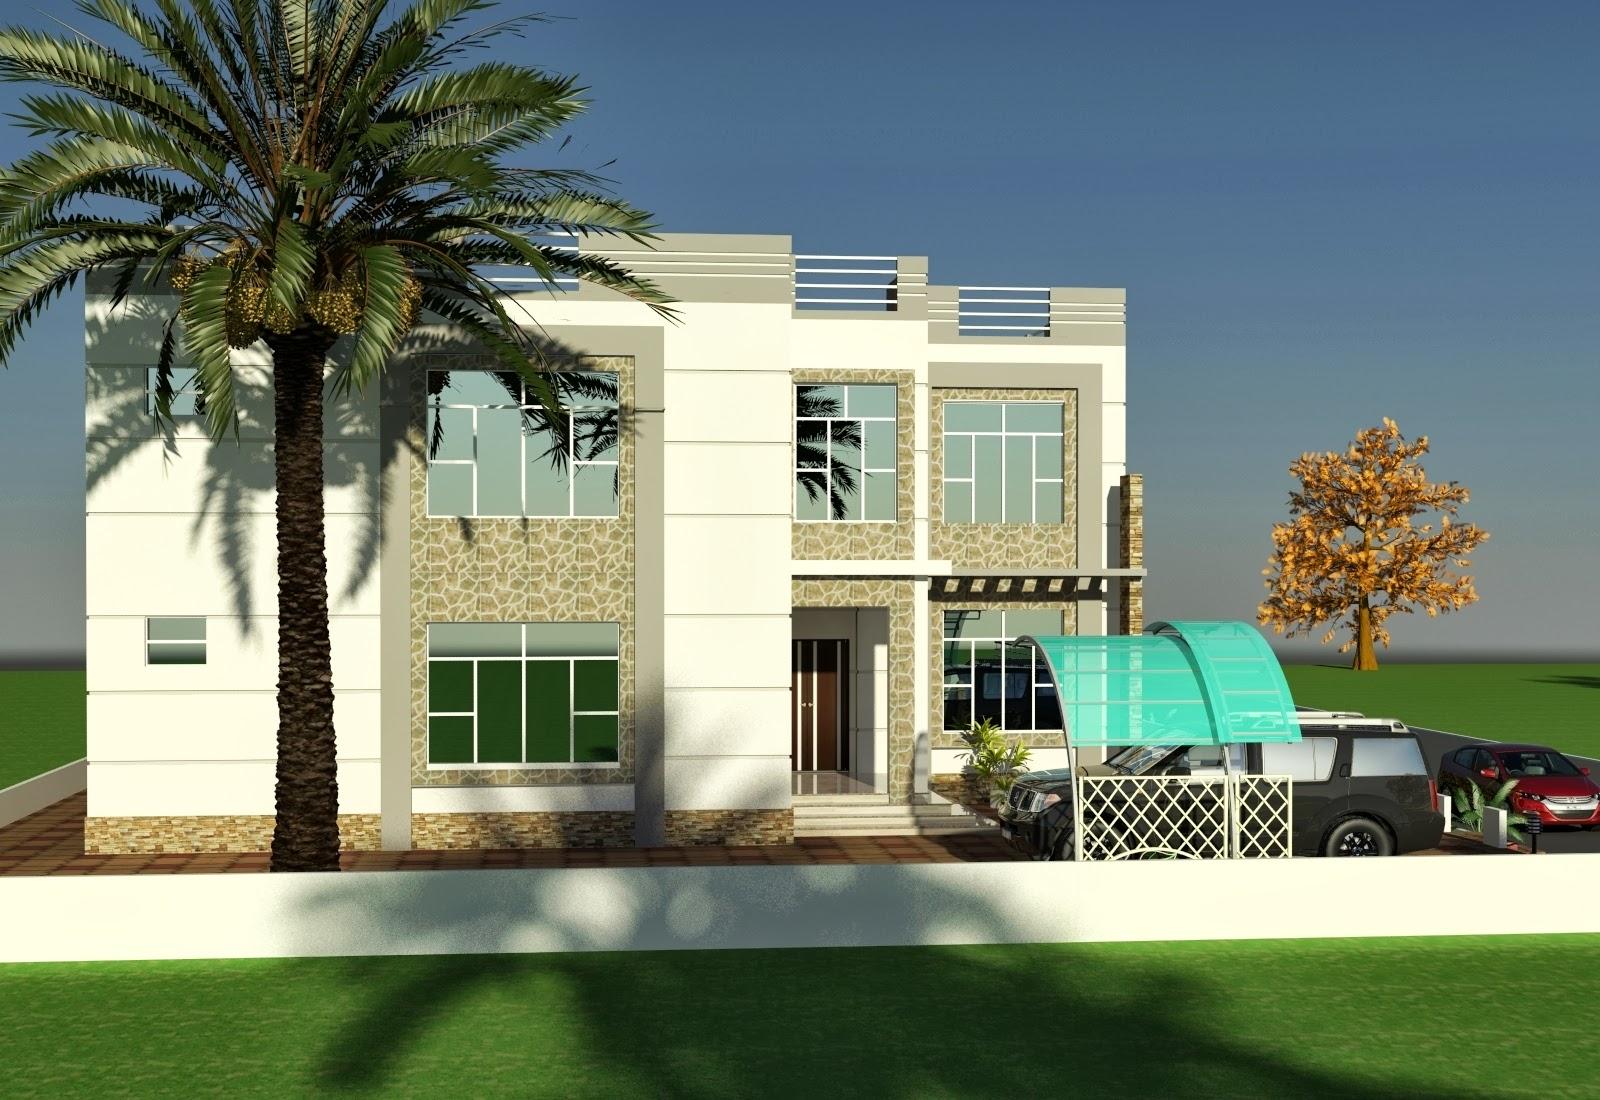 Front Elevation Of Living Room : D front elevation oman villa house design